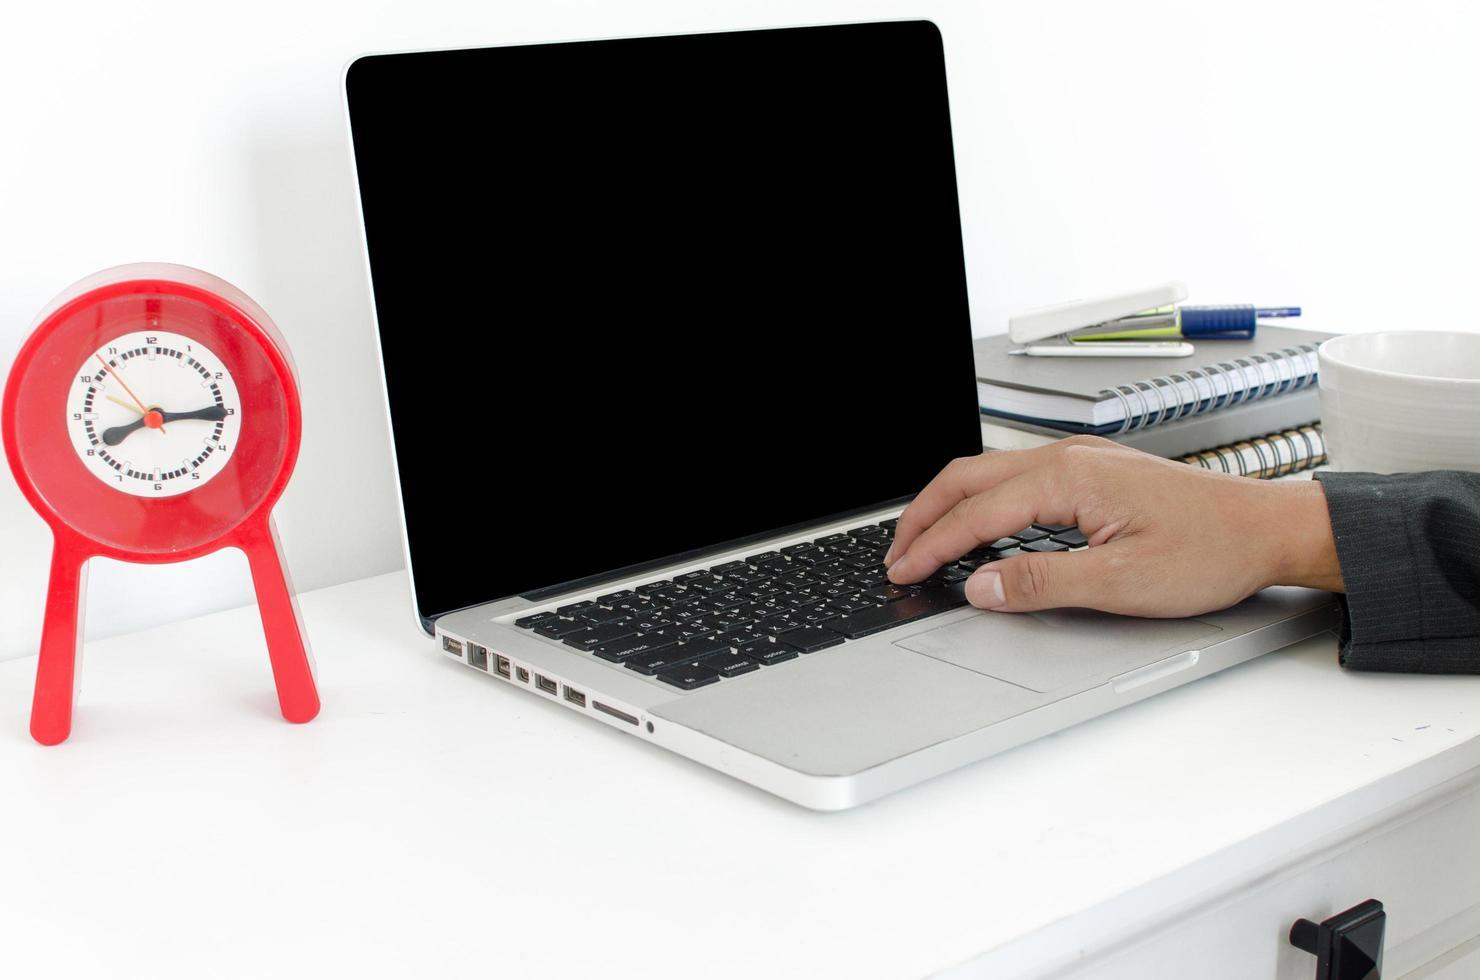 Laptop mit Uhr auf dem Schreibtisch foto